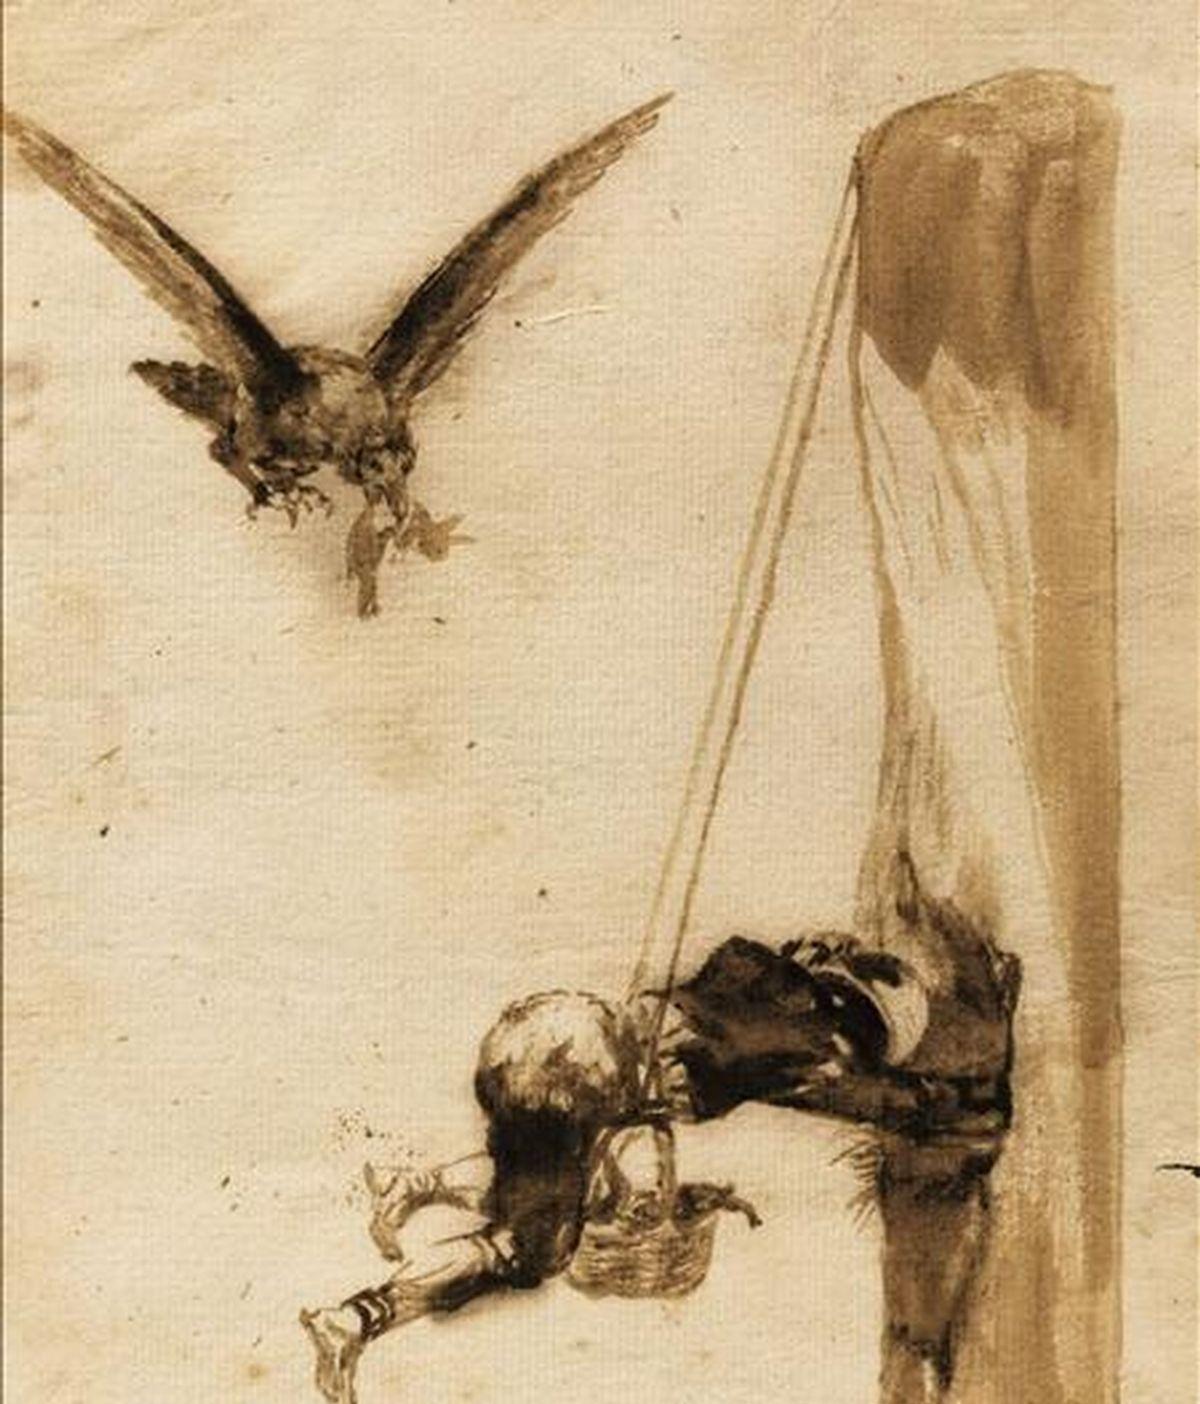 """El dibujo, titulado """"El ladrón de nidos"""", del pintor español Francisco de Goya, se ha vendido hoy en Londres por 1.339.722 dólares, un precio ligeramente superior al precio de salida que estimaba la casa de subastas Sotheby's. El dibujo, que pertenece a uno de los ocho álbumes privados del pintor español, no salía a la venta desde 1877. EFE"""